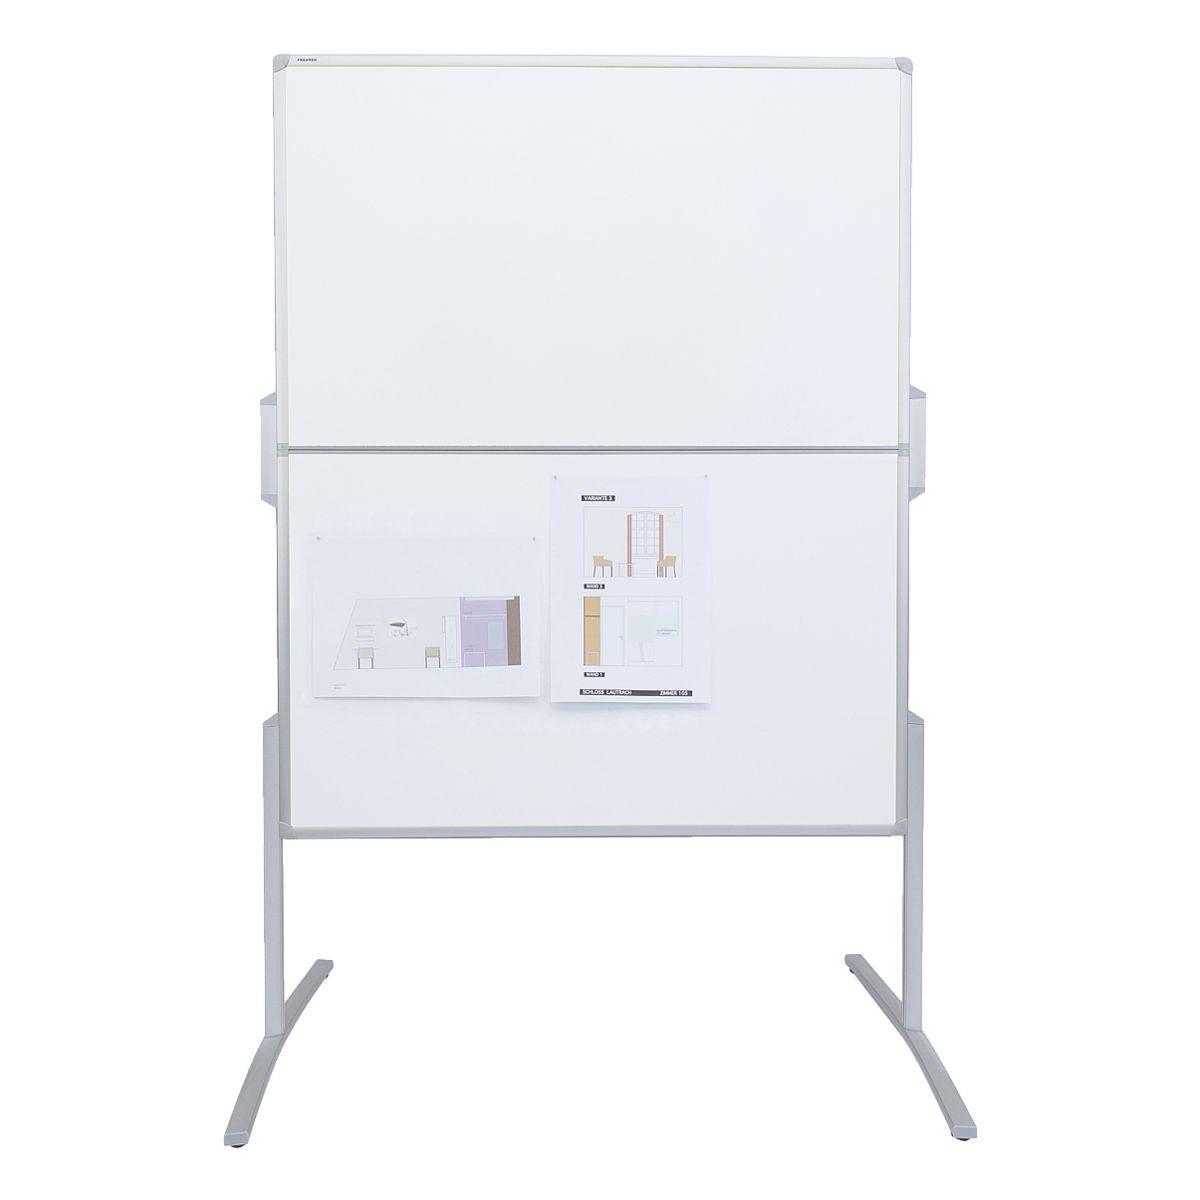 FRANKEN Moderationswand Karton 120/150 cm klappbar »PRO MT8807«